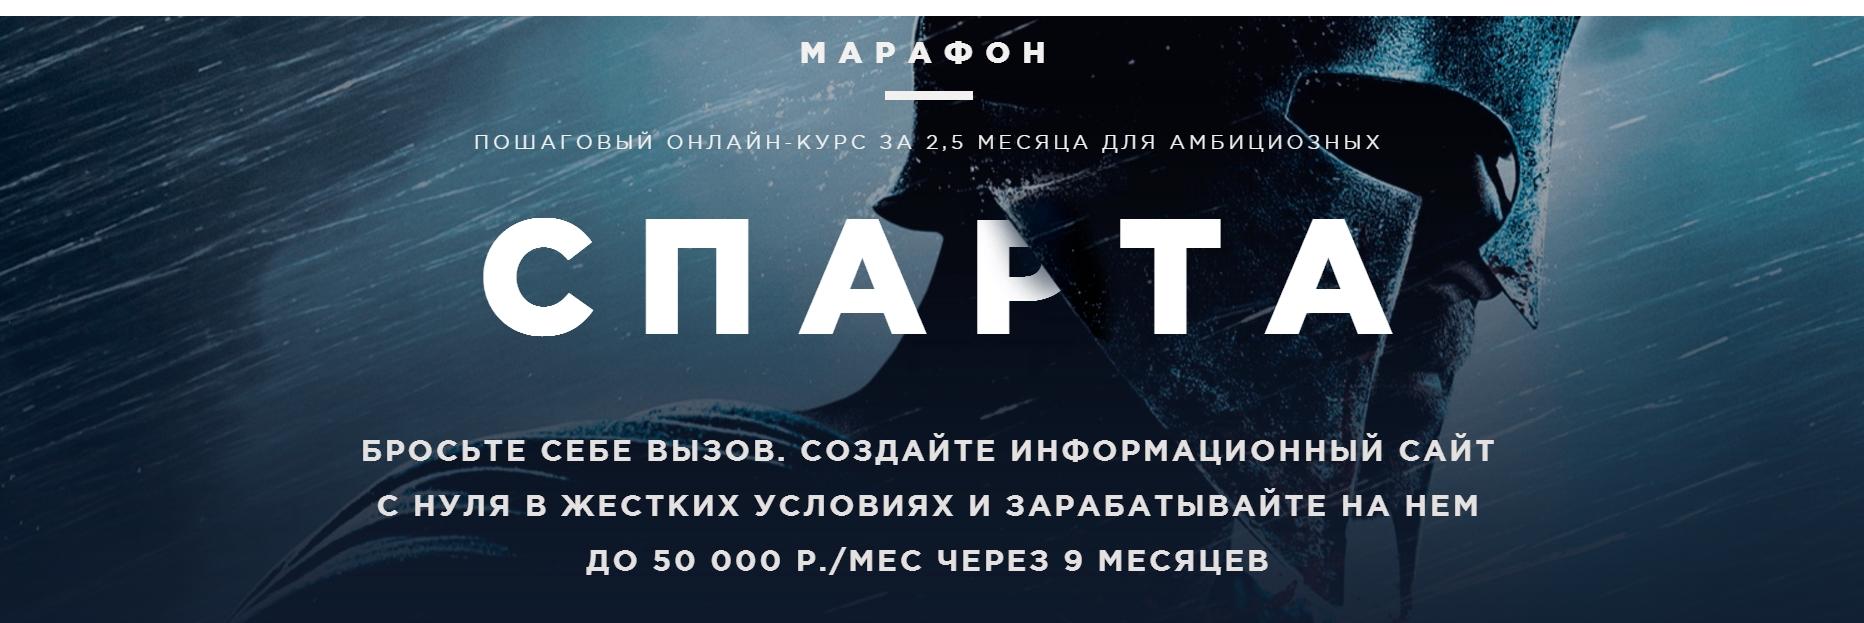 Скачать Роман Пузат Марафон Спарта (2017)